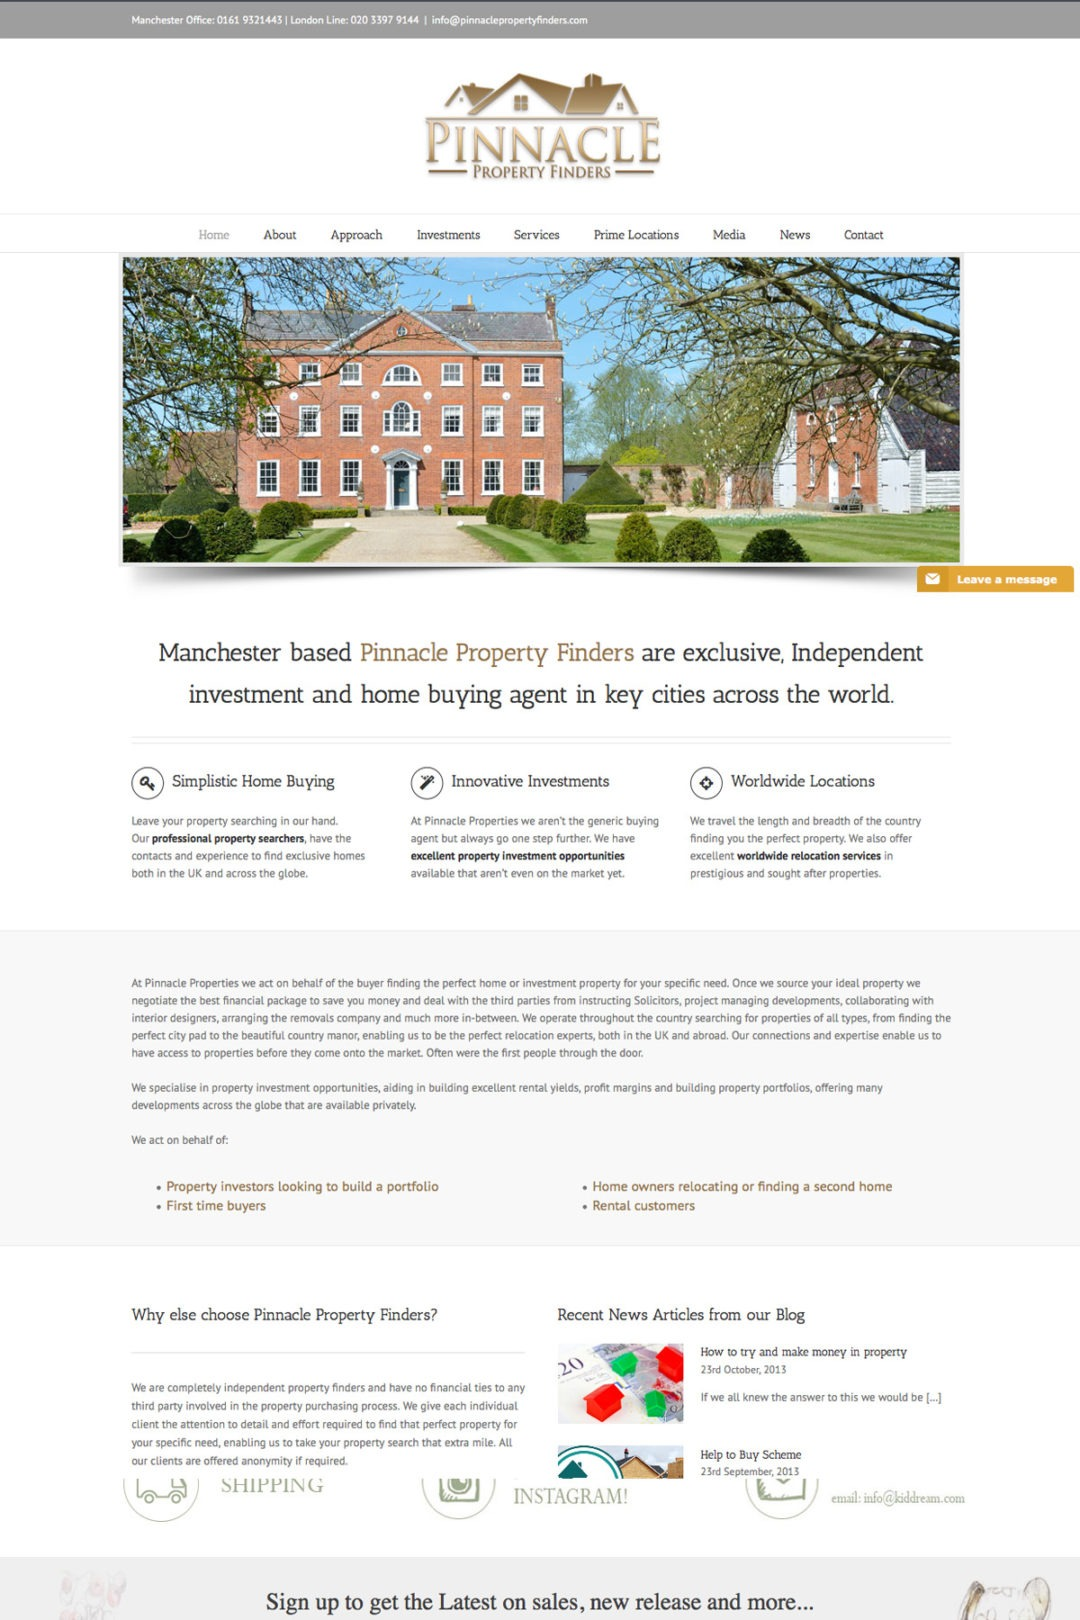 Pinnacle Property Finders